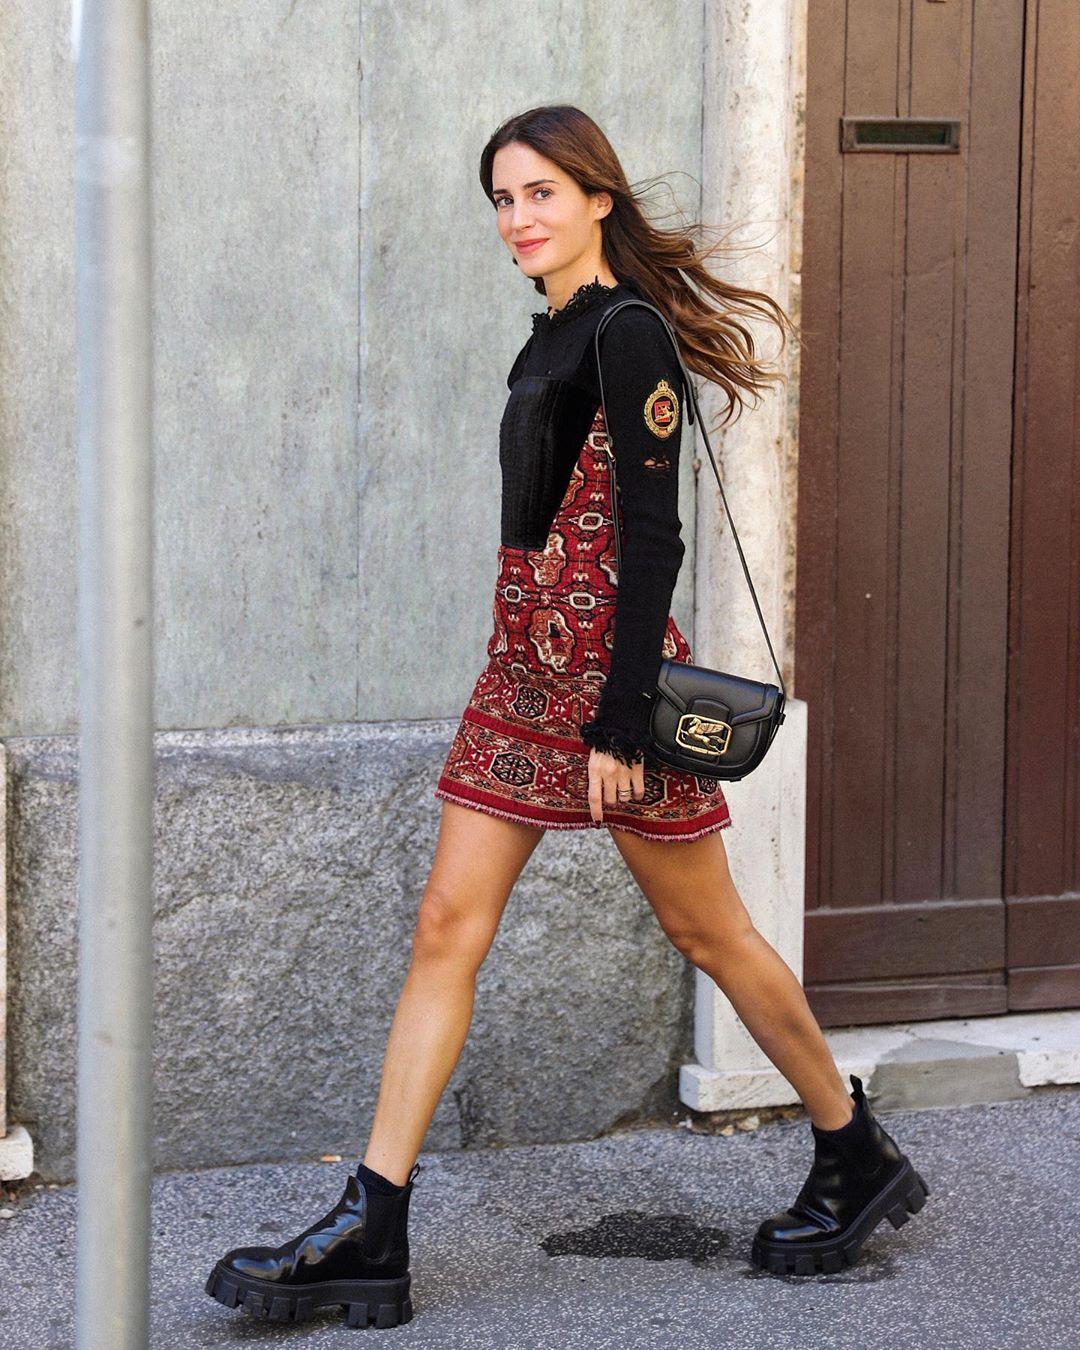 Xu hướng thời trang - cô gái mặc váy họa tiết thổ cẩm màu đỏ đô